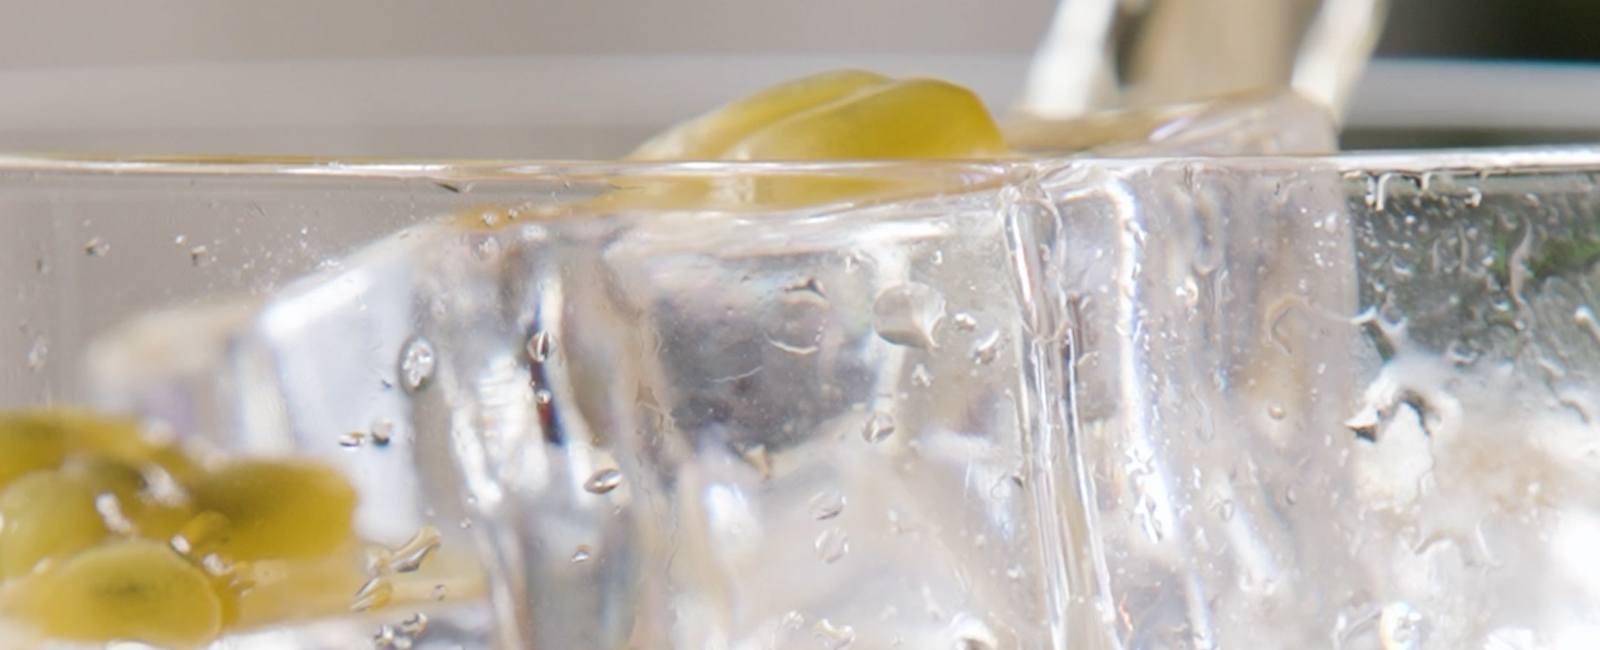 Sparkling Passion Fruit Cider